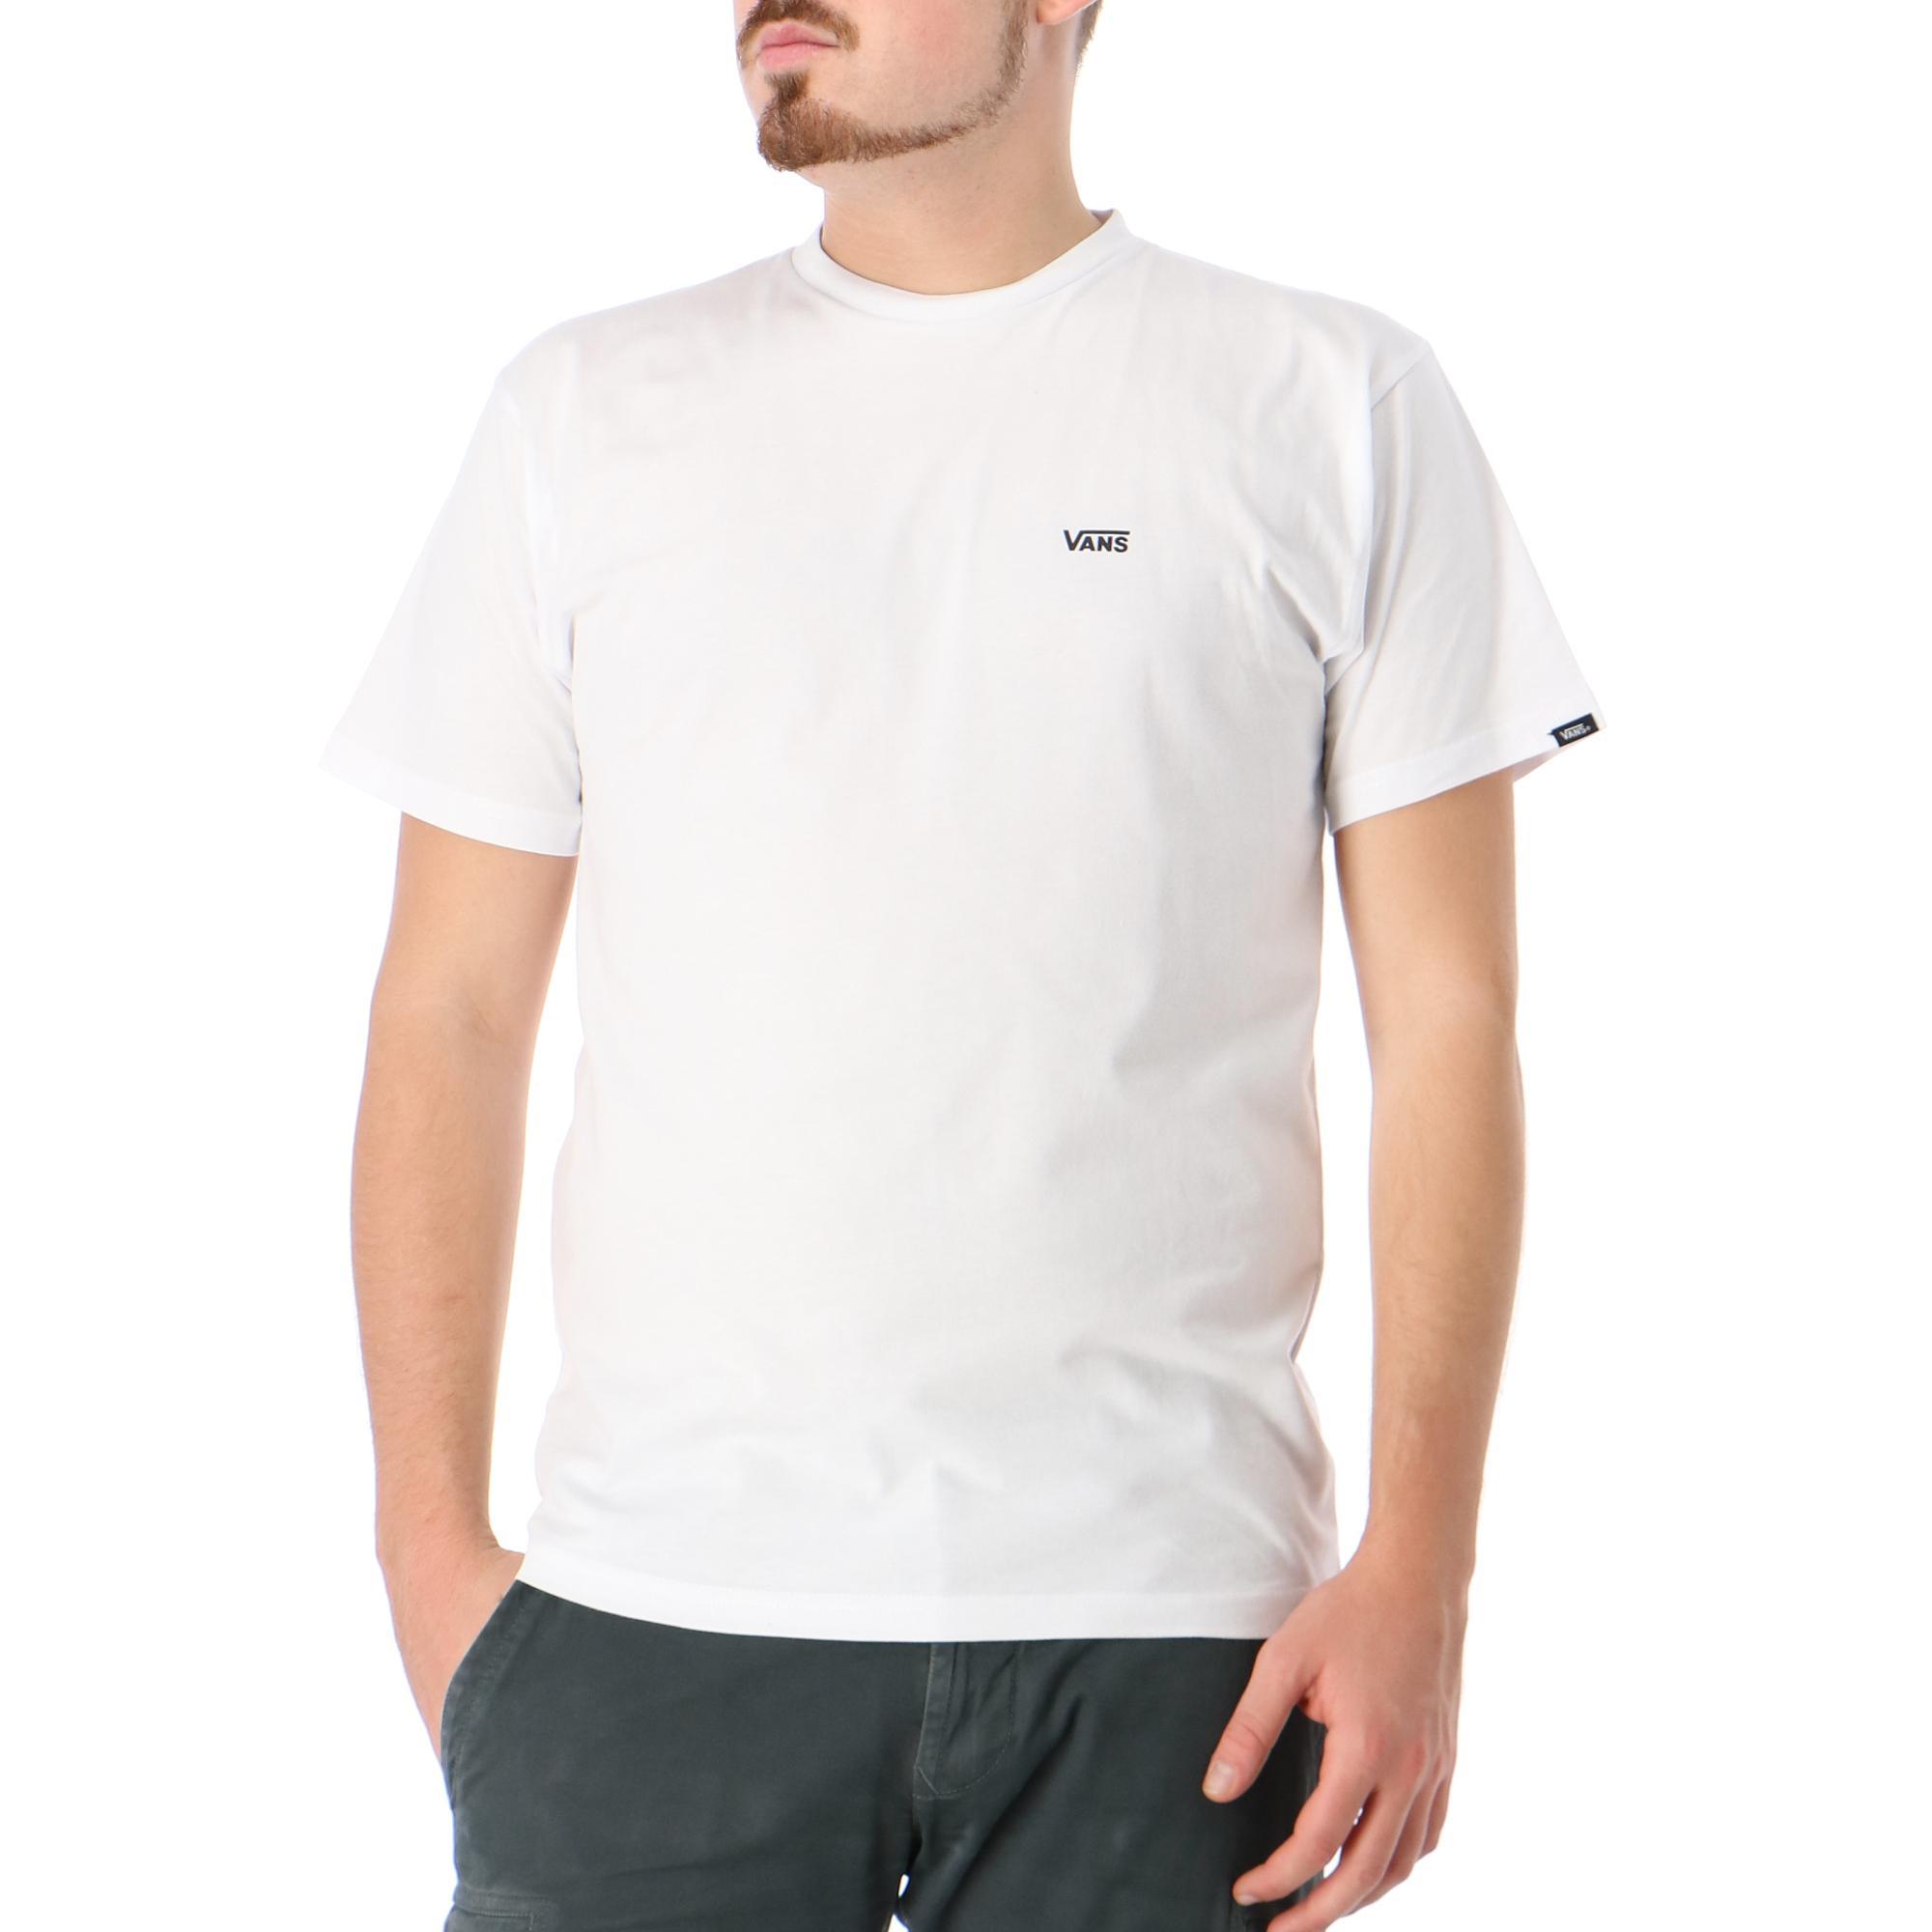 Vans Mn Left Chest Logo Tee White black